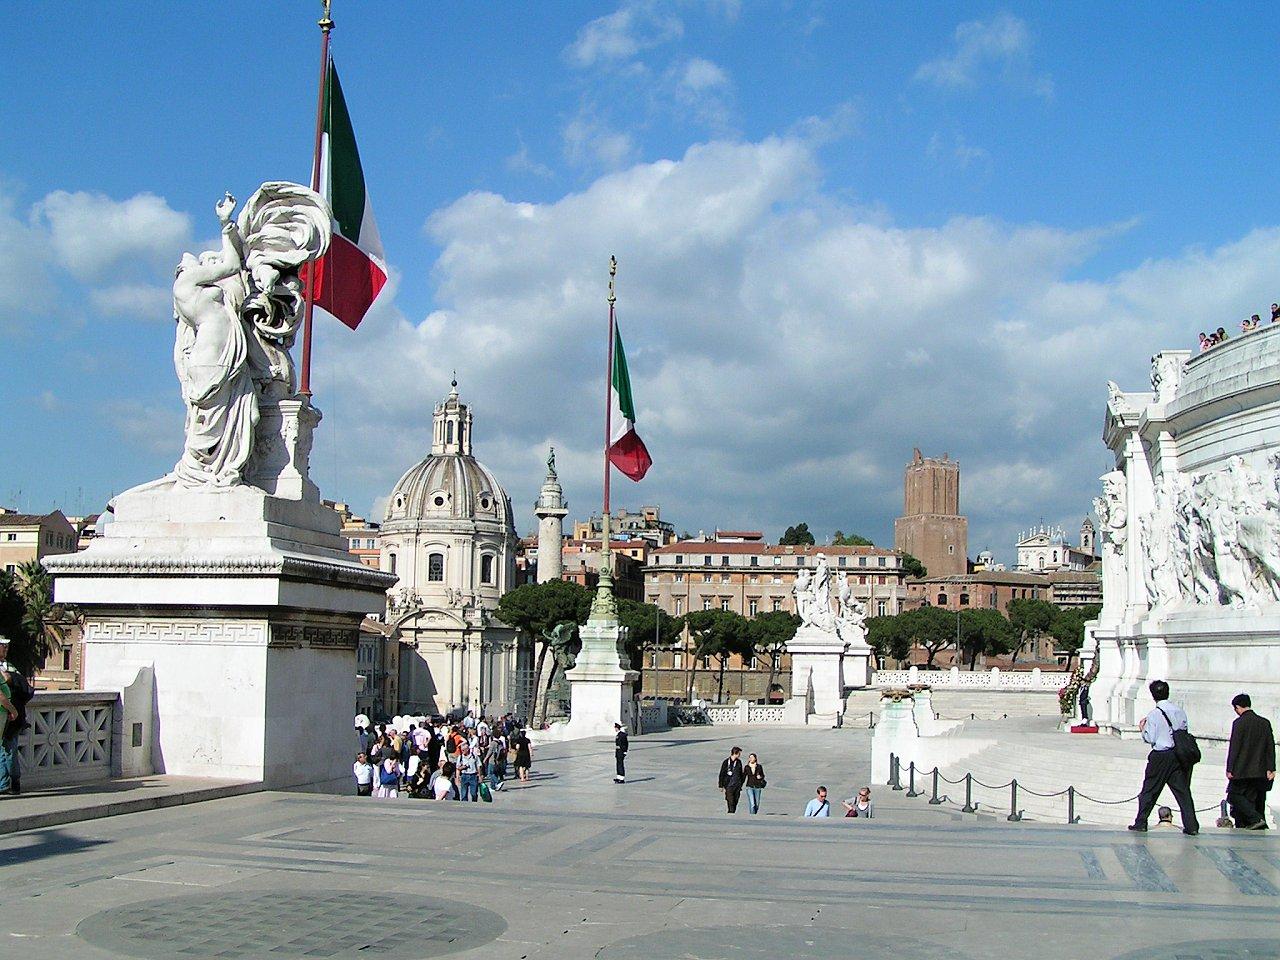 Victor Emmanuel II Monument, Altare della Patria, Rome attractions, Italy – 3